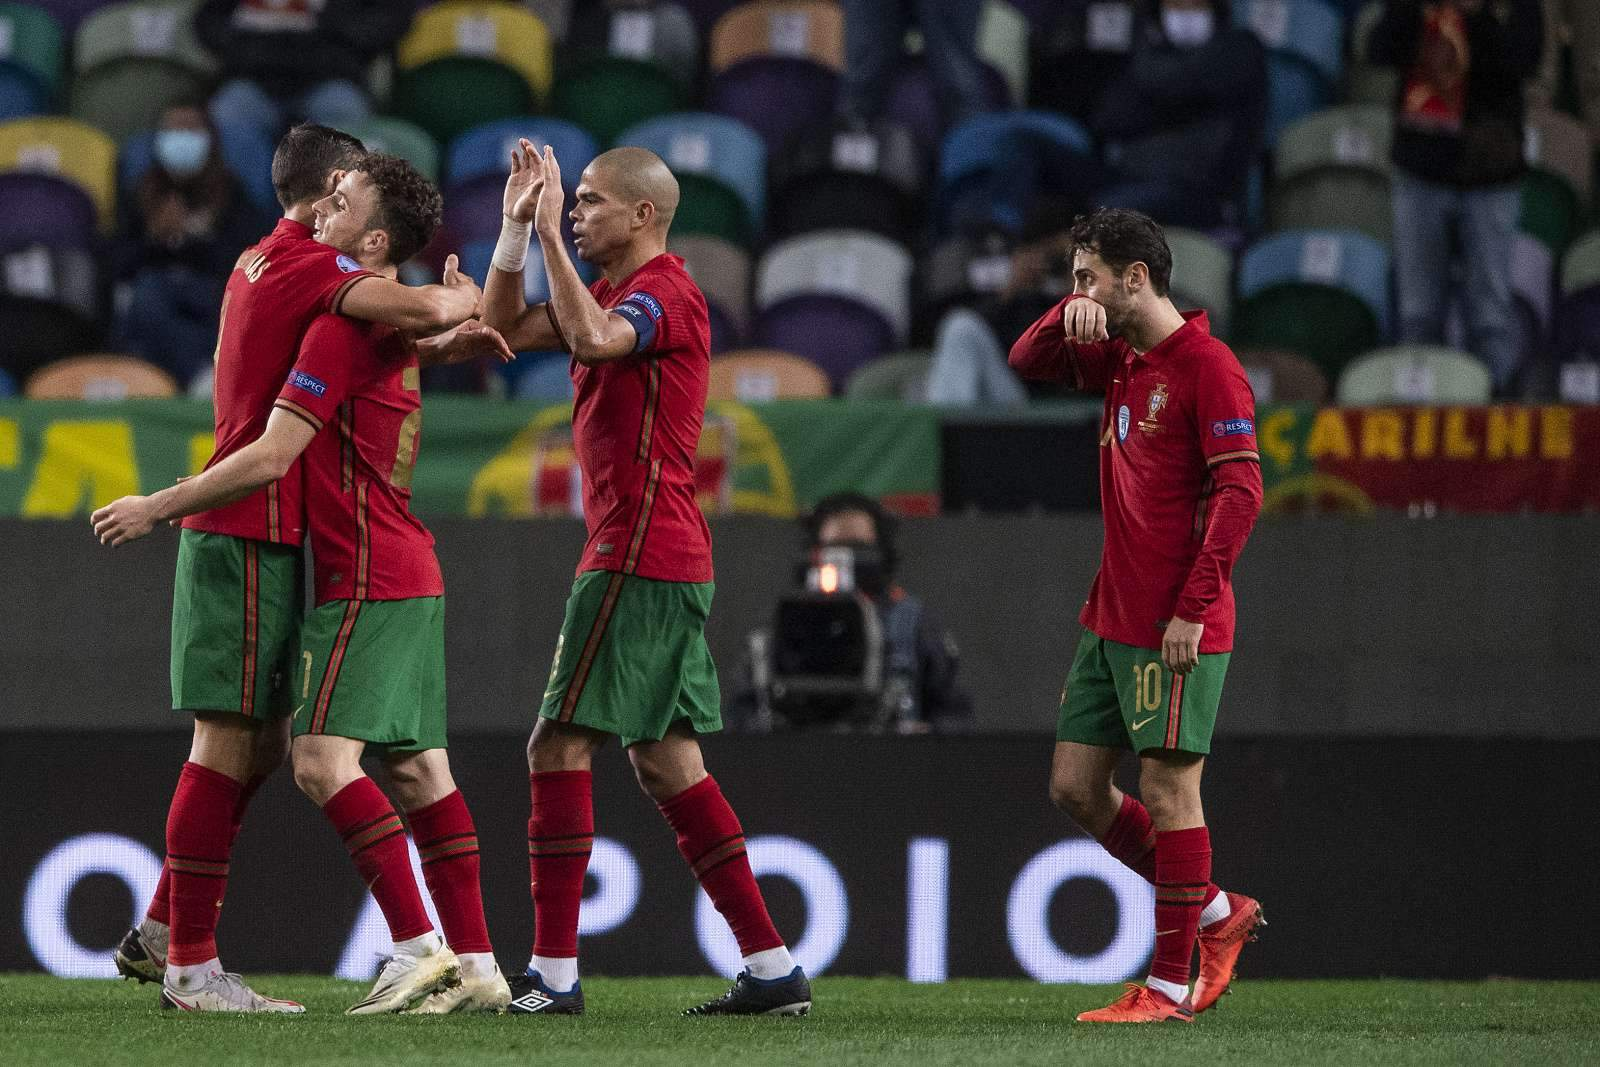 Сербия - Португалия - 2:2 (завершён)